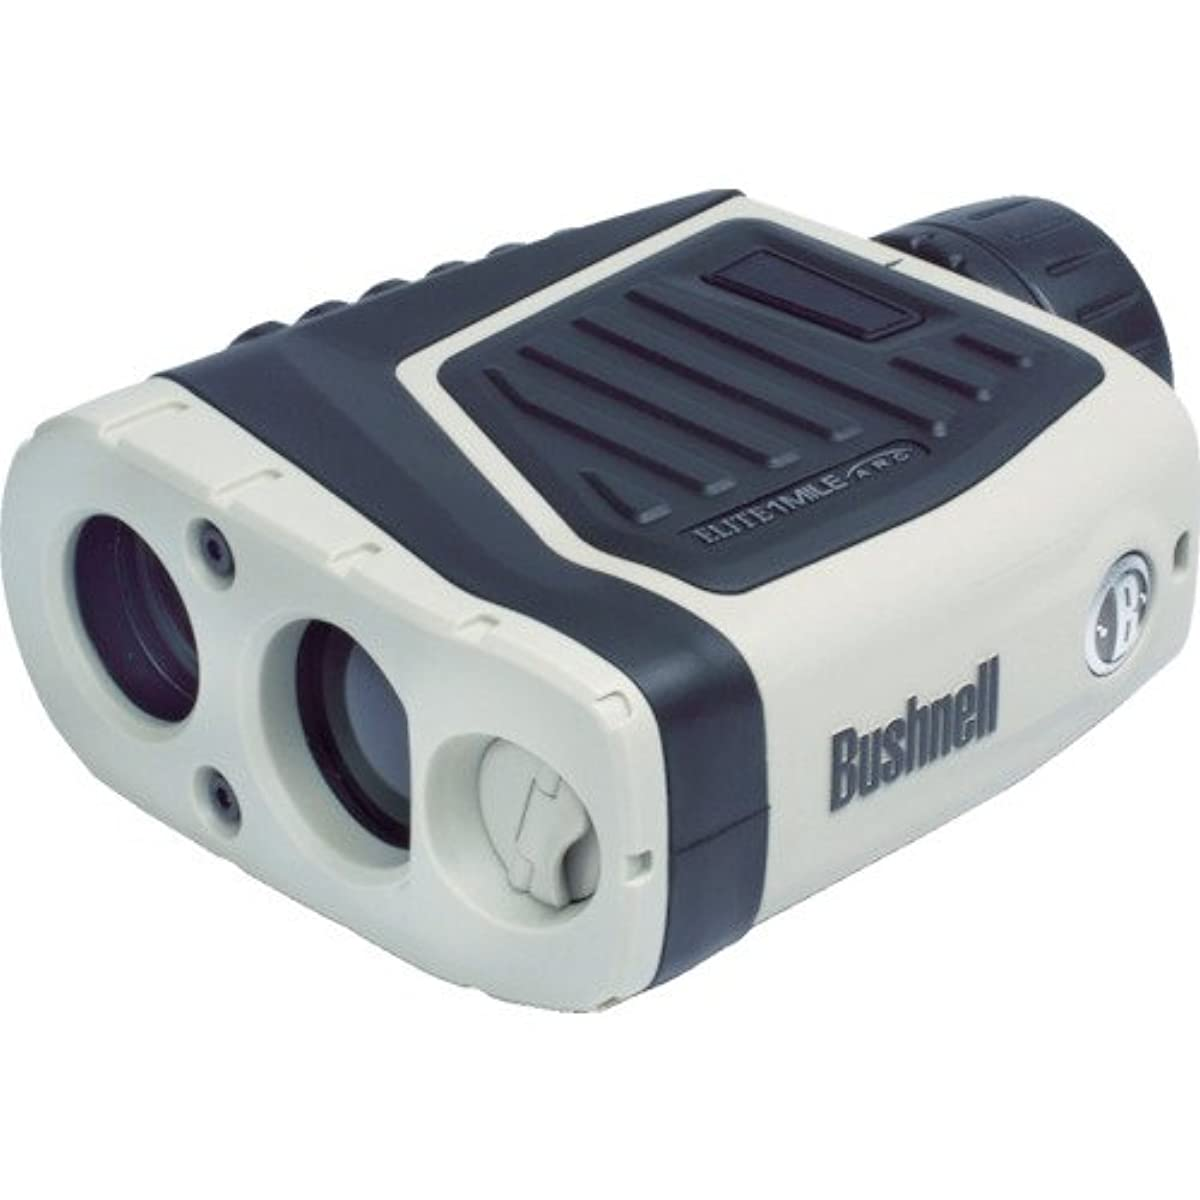 [해외] BUSHNELL(부시 네루) 레이저 거리 측정기 라이트 스피드 엘리트1M1600 180171